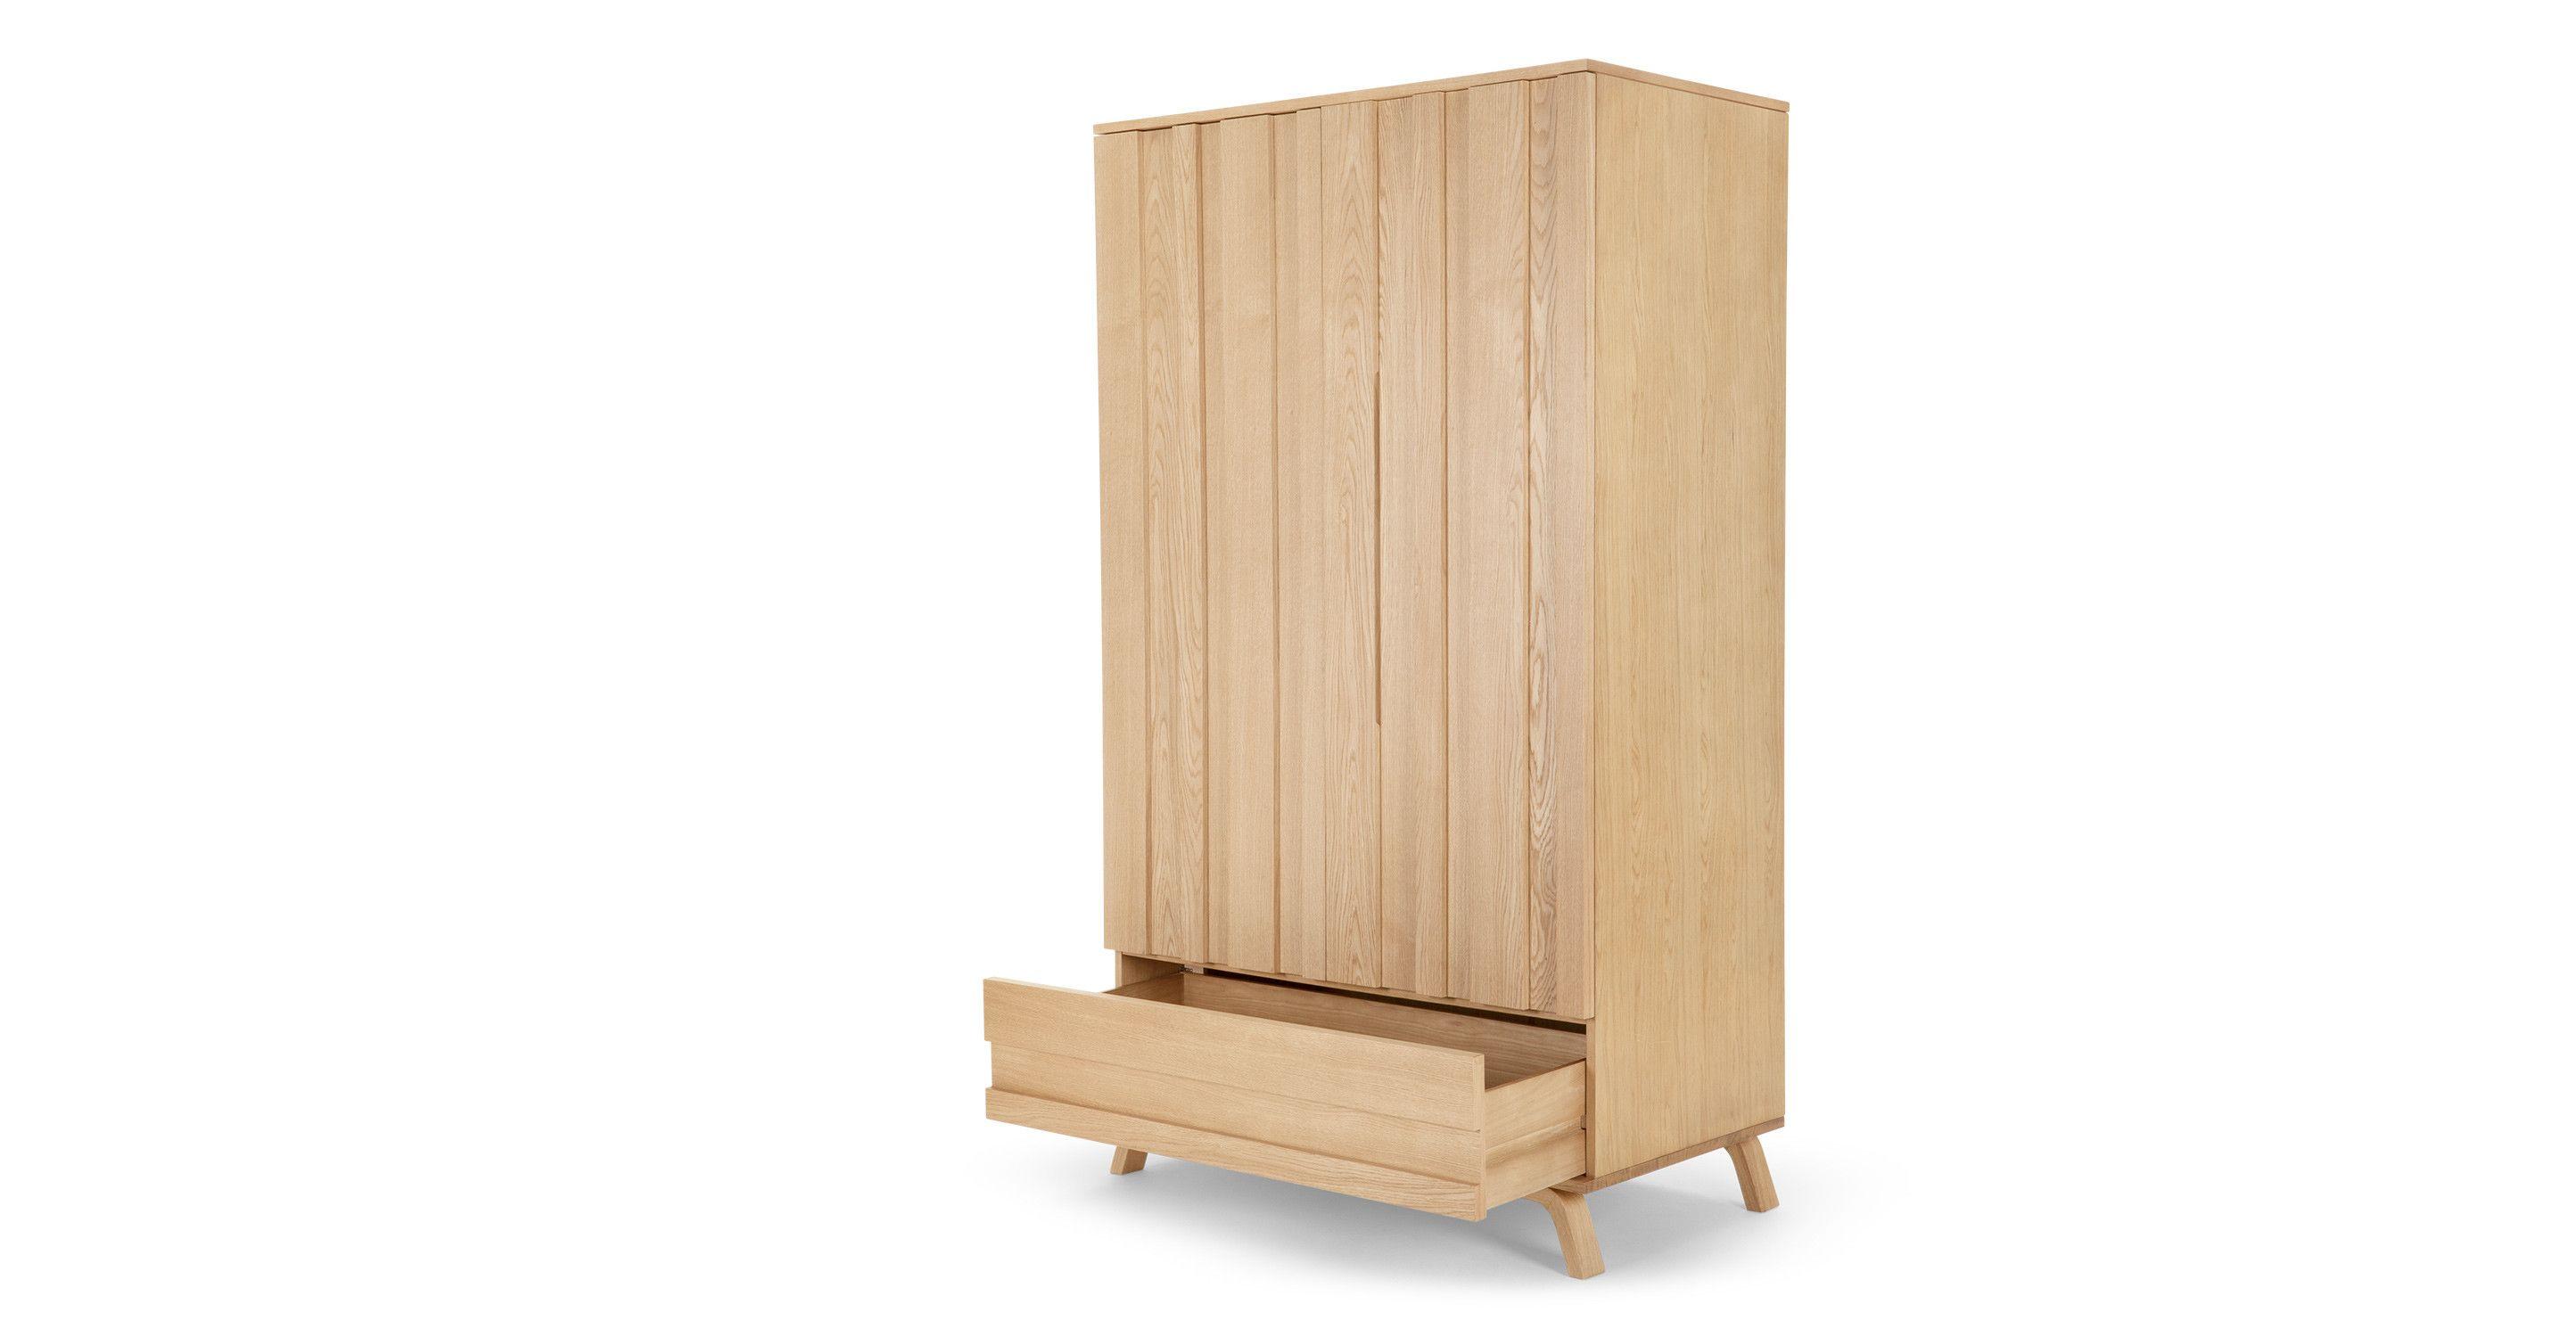 Luka wardrobe oak storage furniture schrank schlafzimmer